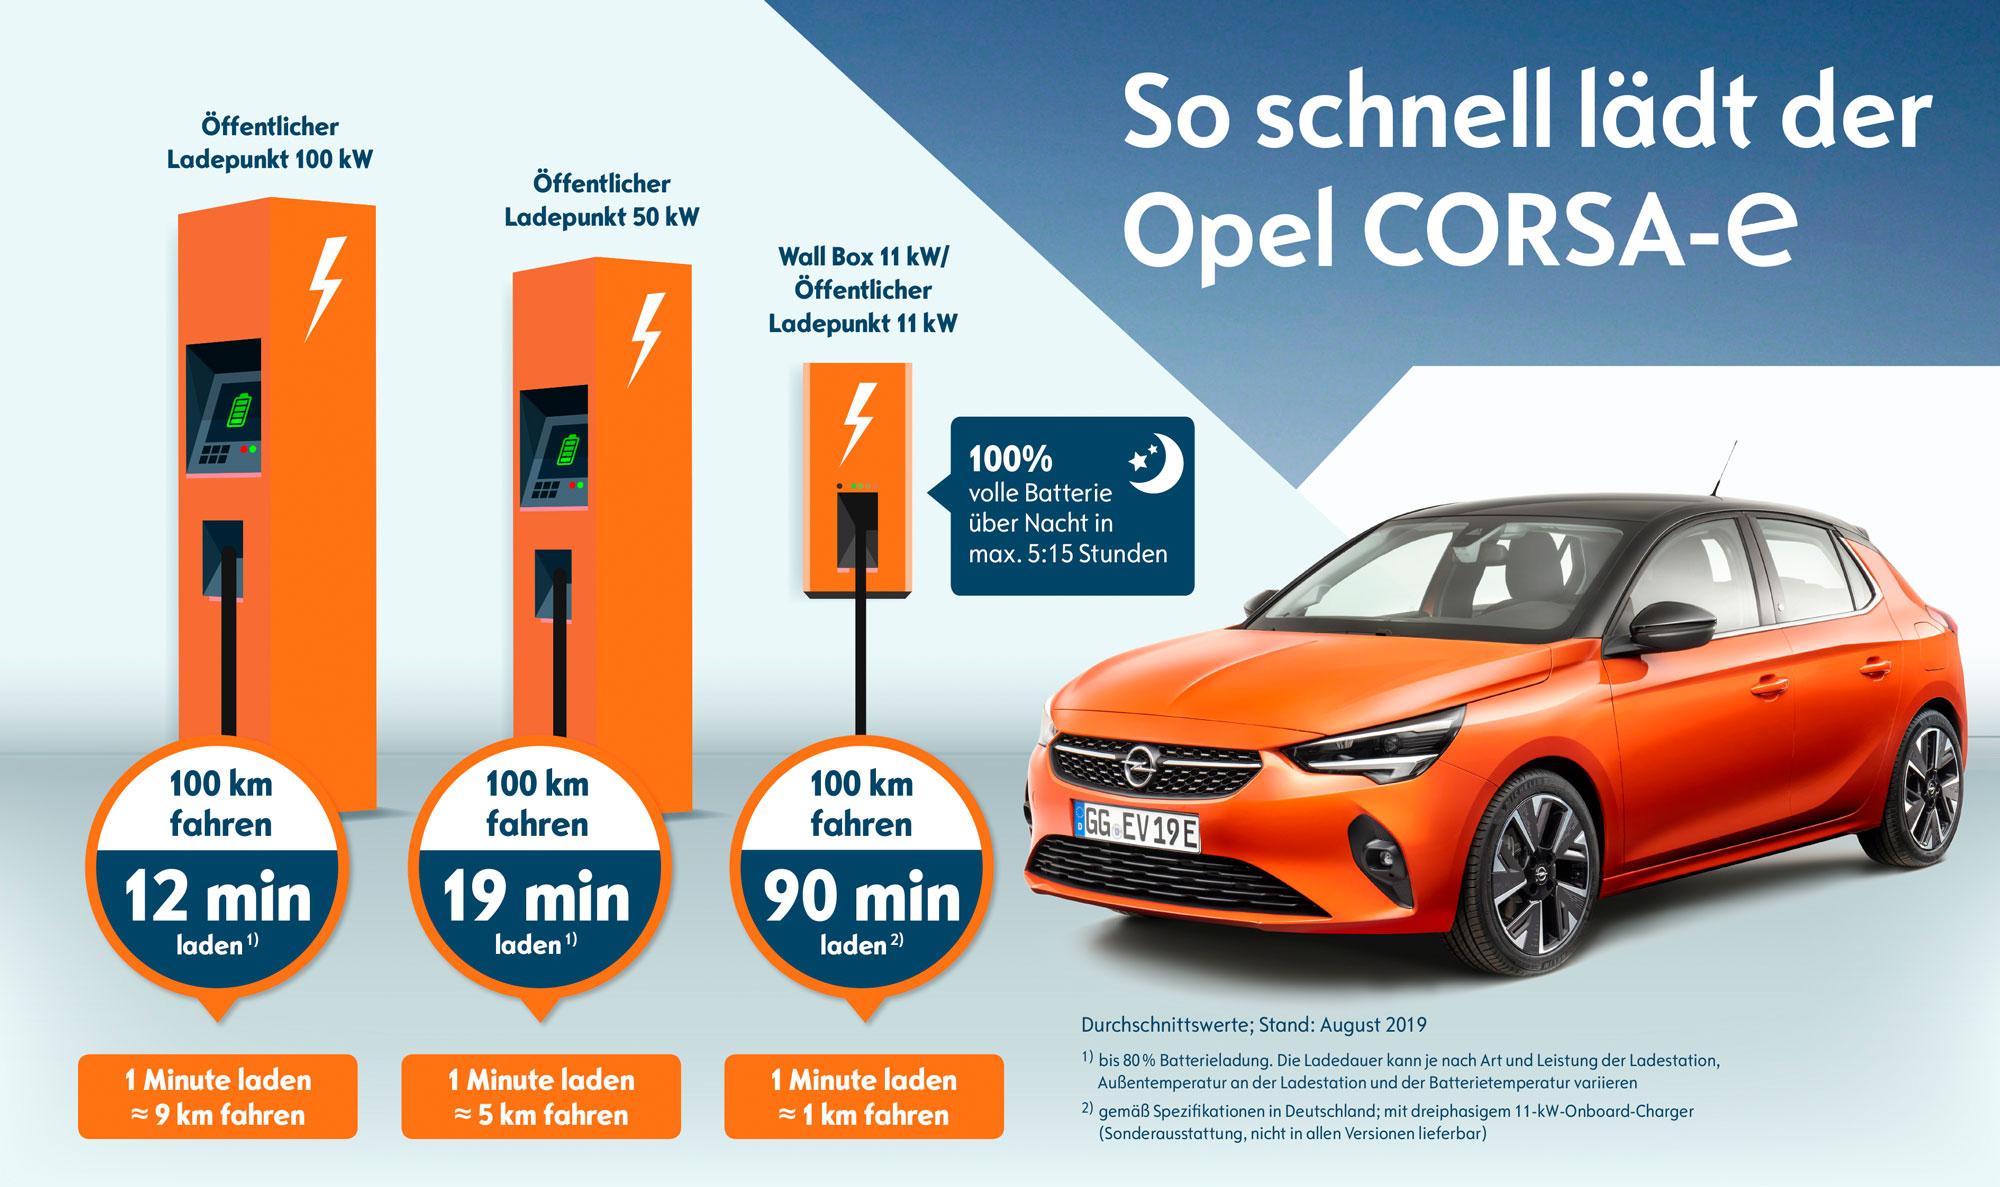 Opel-Corsa-e-aufladen-2